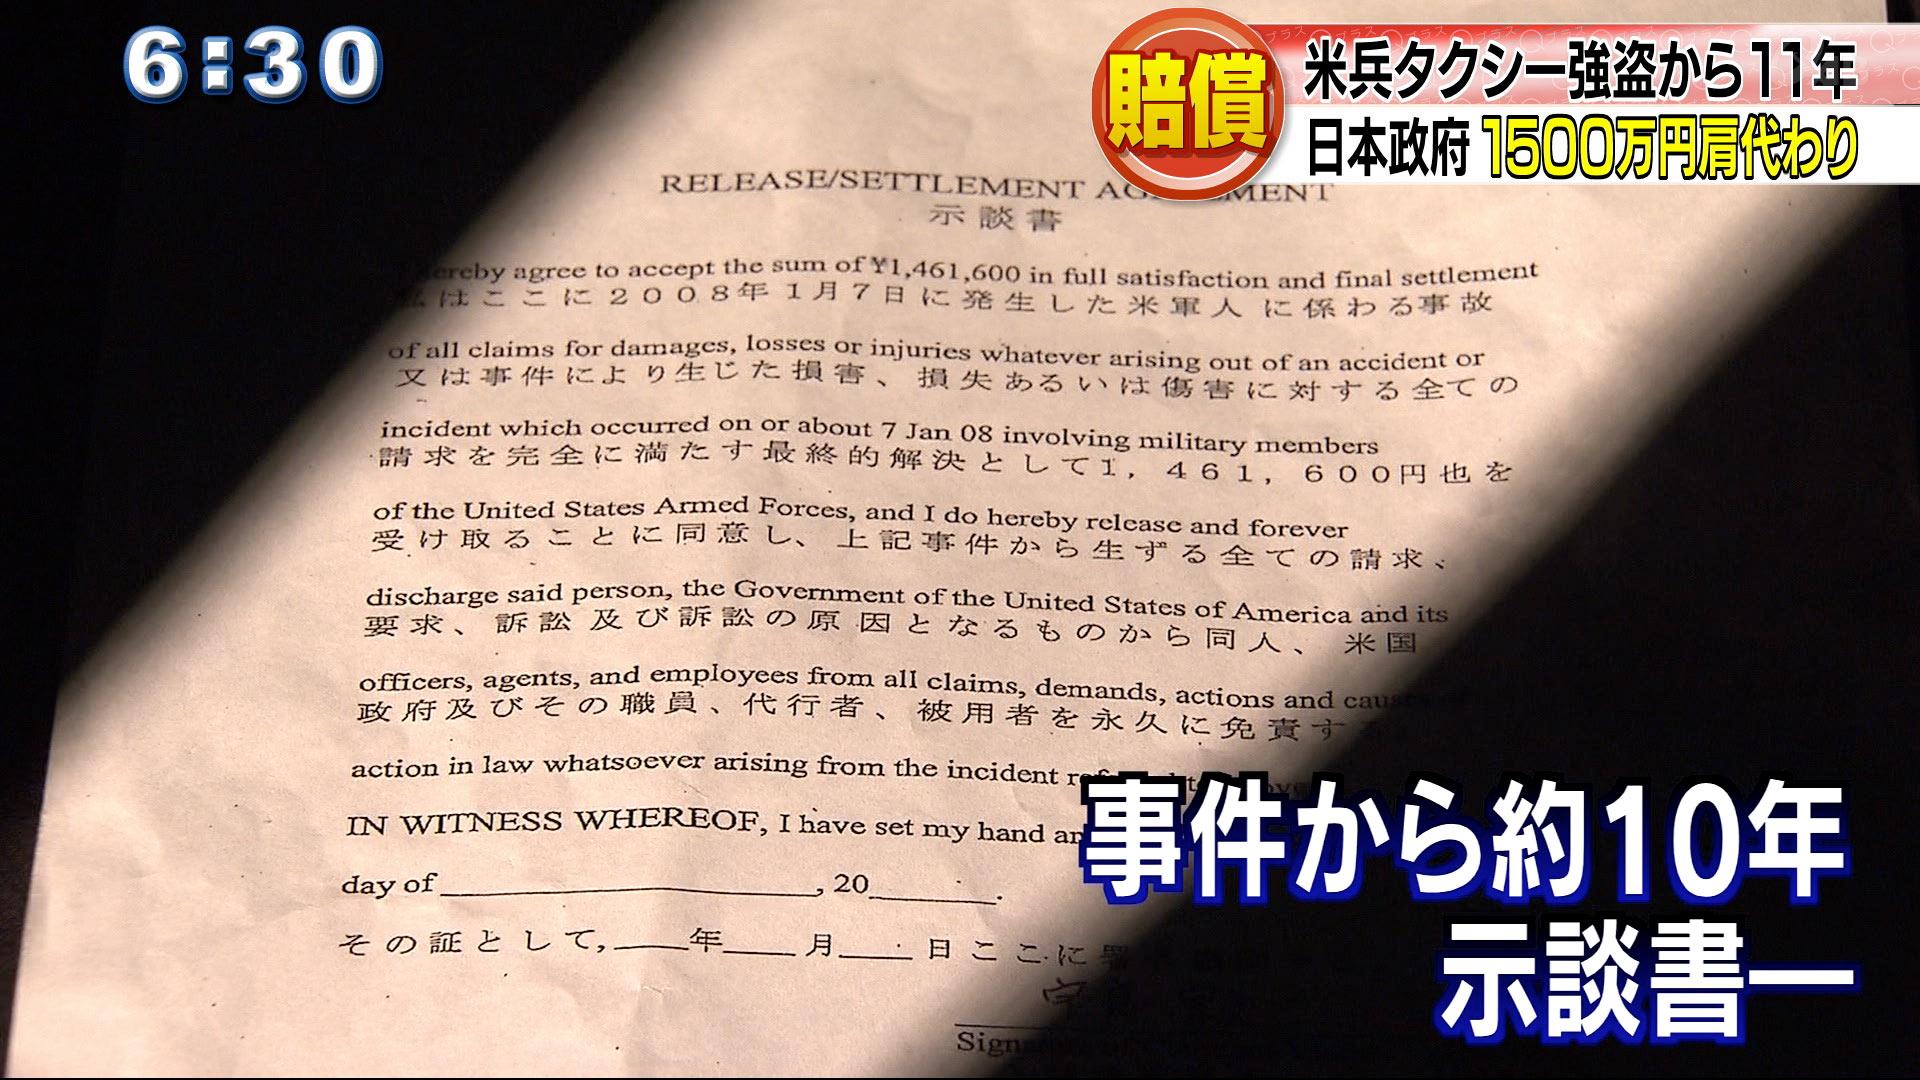 米兵タクシー強盗から11年 賠償金日本が肩代わり